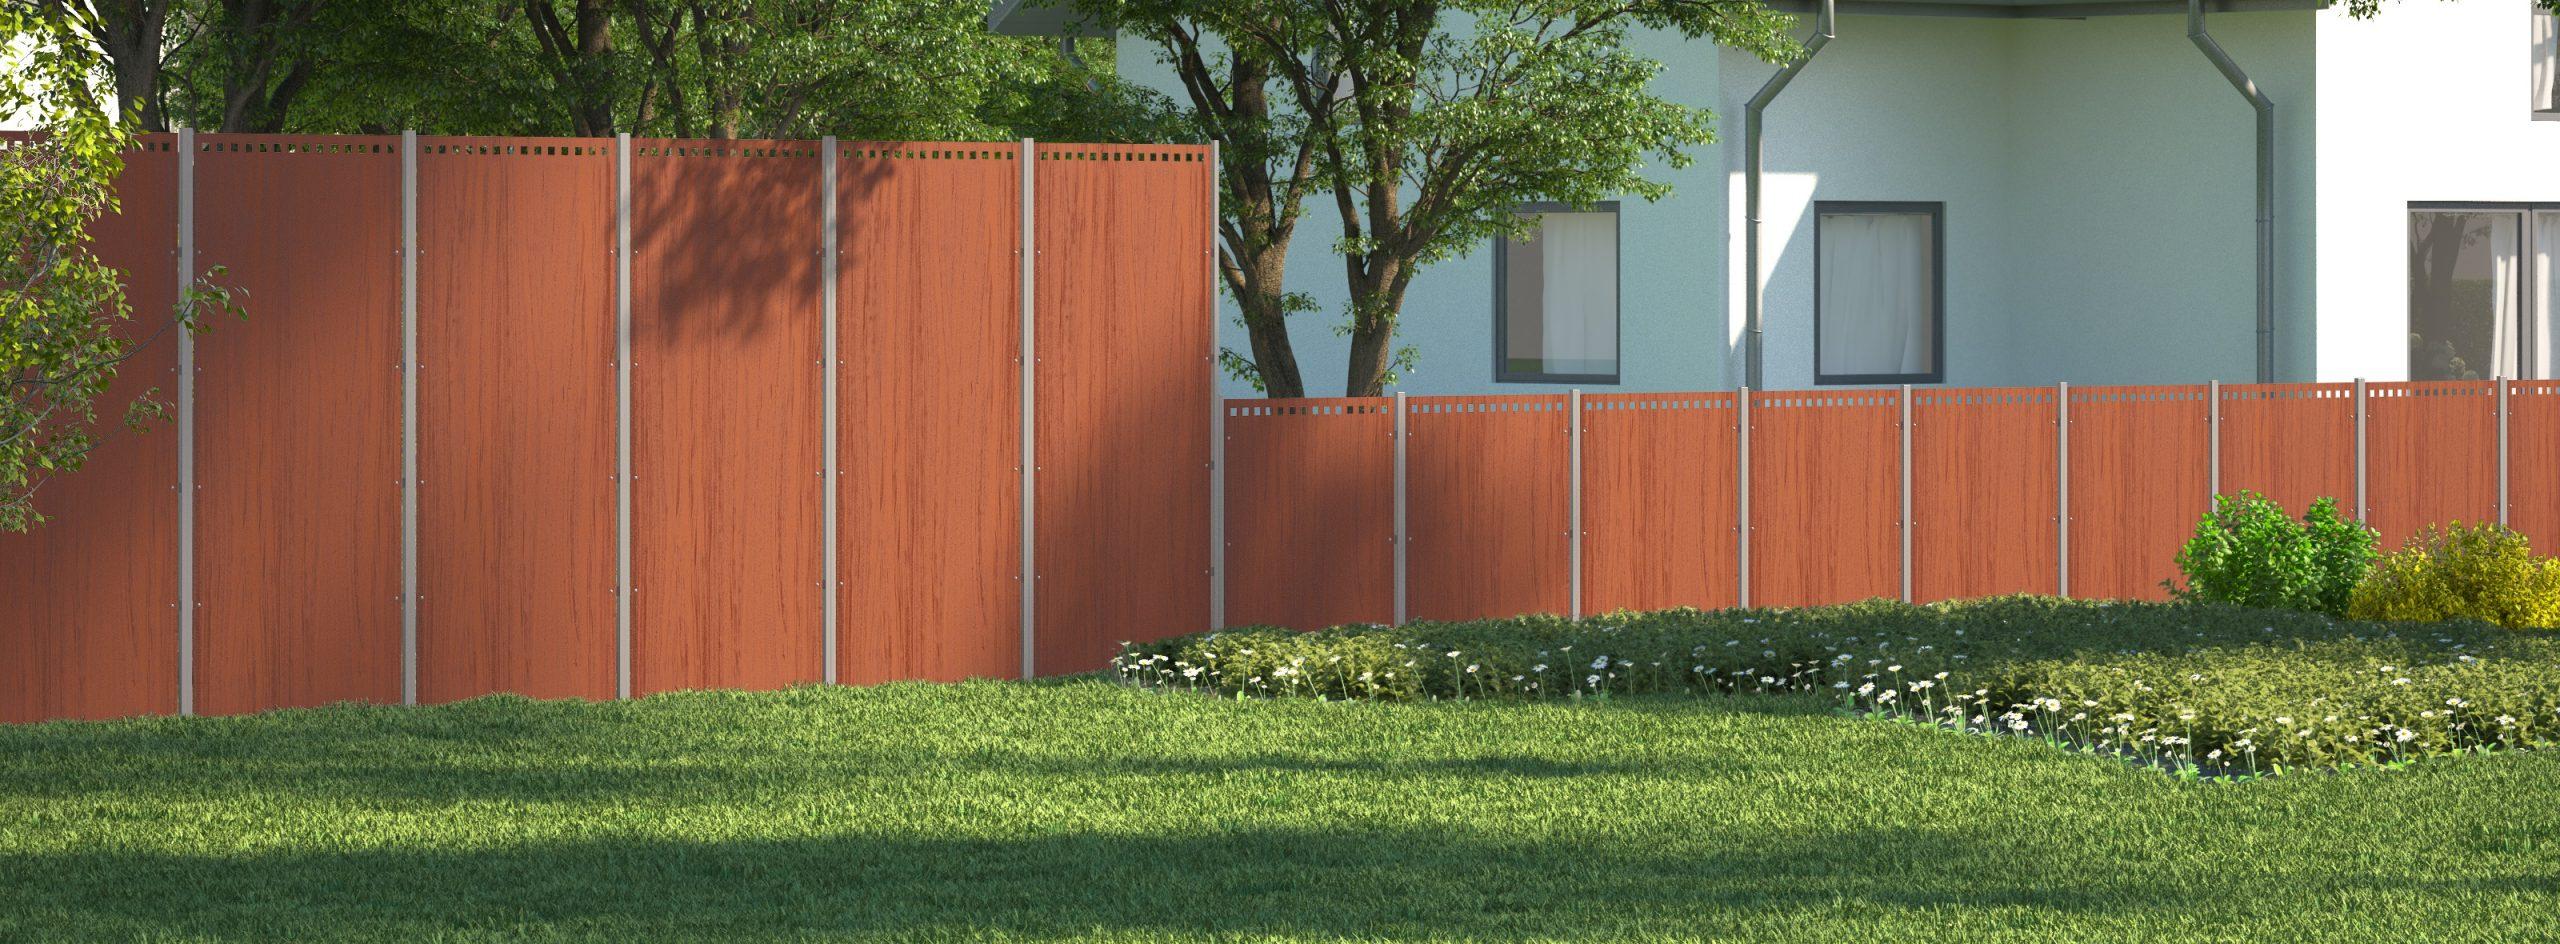 Full Size of Sichtschutz Holz Modern Moderne Zaun Ideen Fr Ihr Zuhause Ratgeber Obi Sichtschutzfolie Fenster Einseitig Durchsichtig Esstische Massivholz Betten Loungemöbel Wohnzimmer Sichtschutz Holz Modern